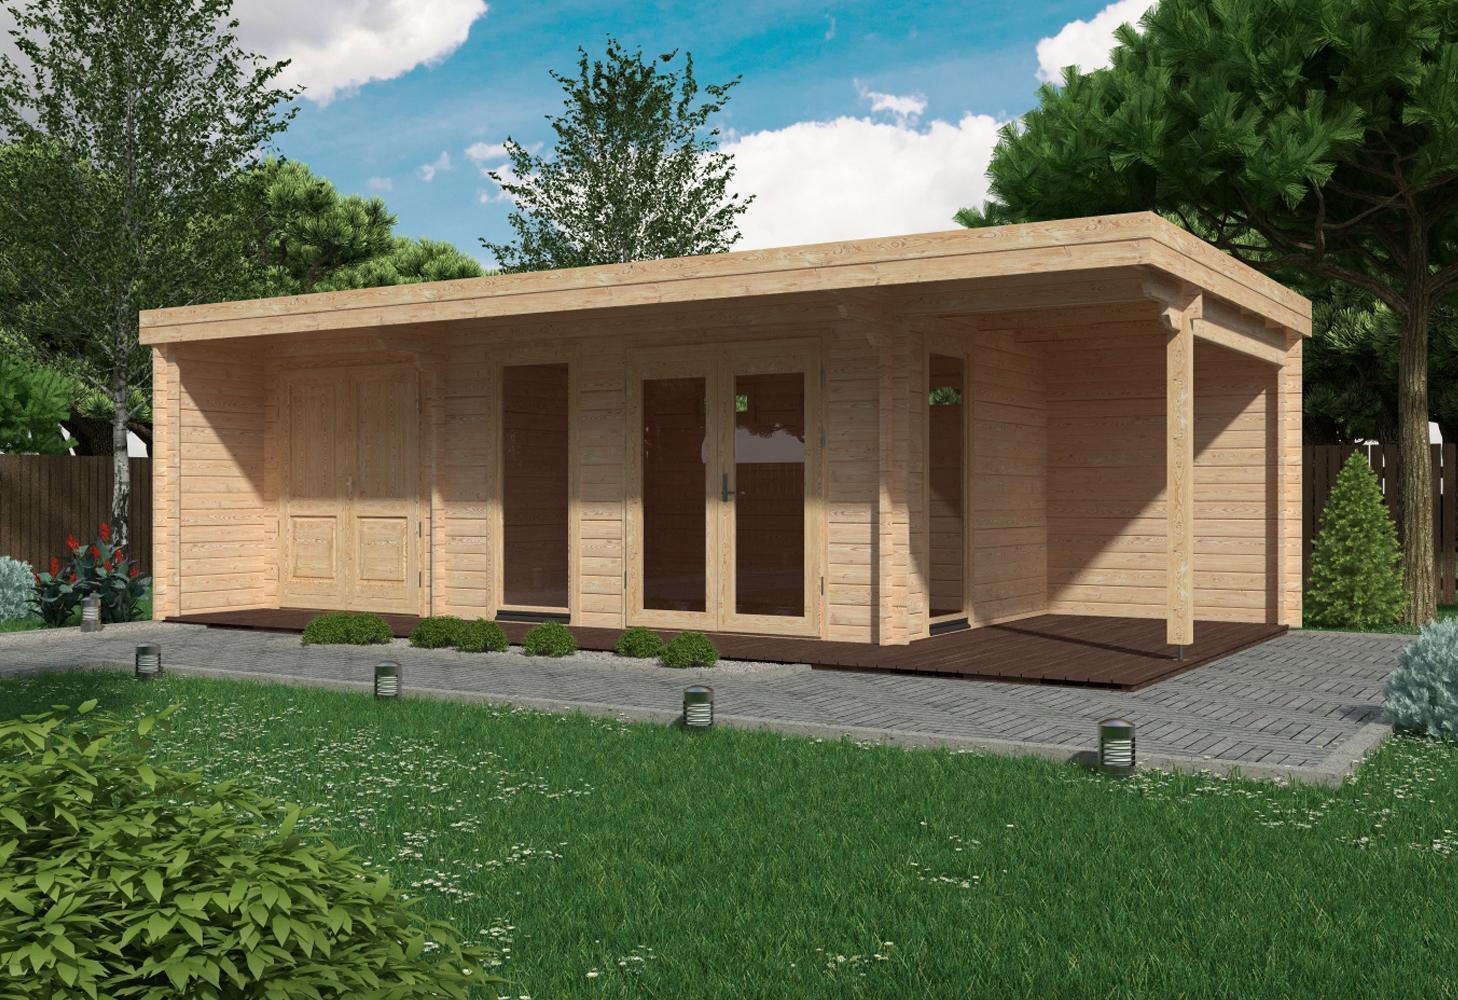 1f44a0c38c0c Πολυχρηστικό ξύλινο σπίτι ιδανικό για επαγγελματική χρήση.Κατασκευή που  δύναται να τοποθετηθεί πάνω σε trailor χωρίς πολεοδομική άδεια.